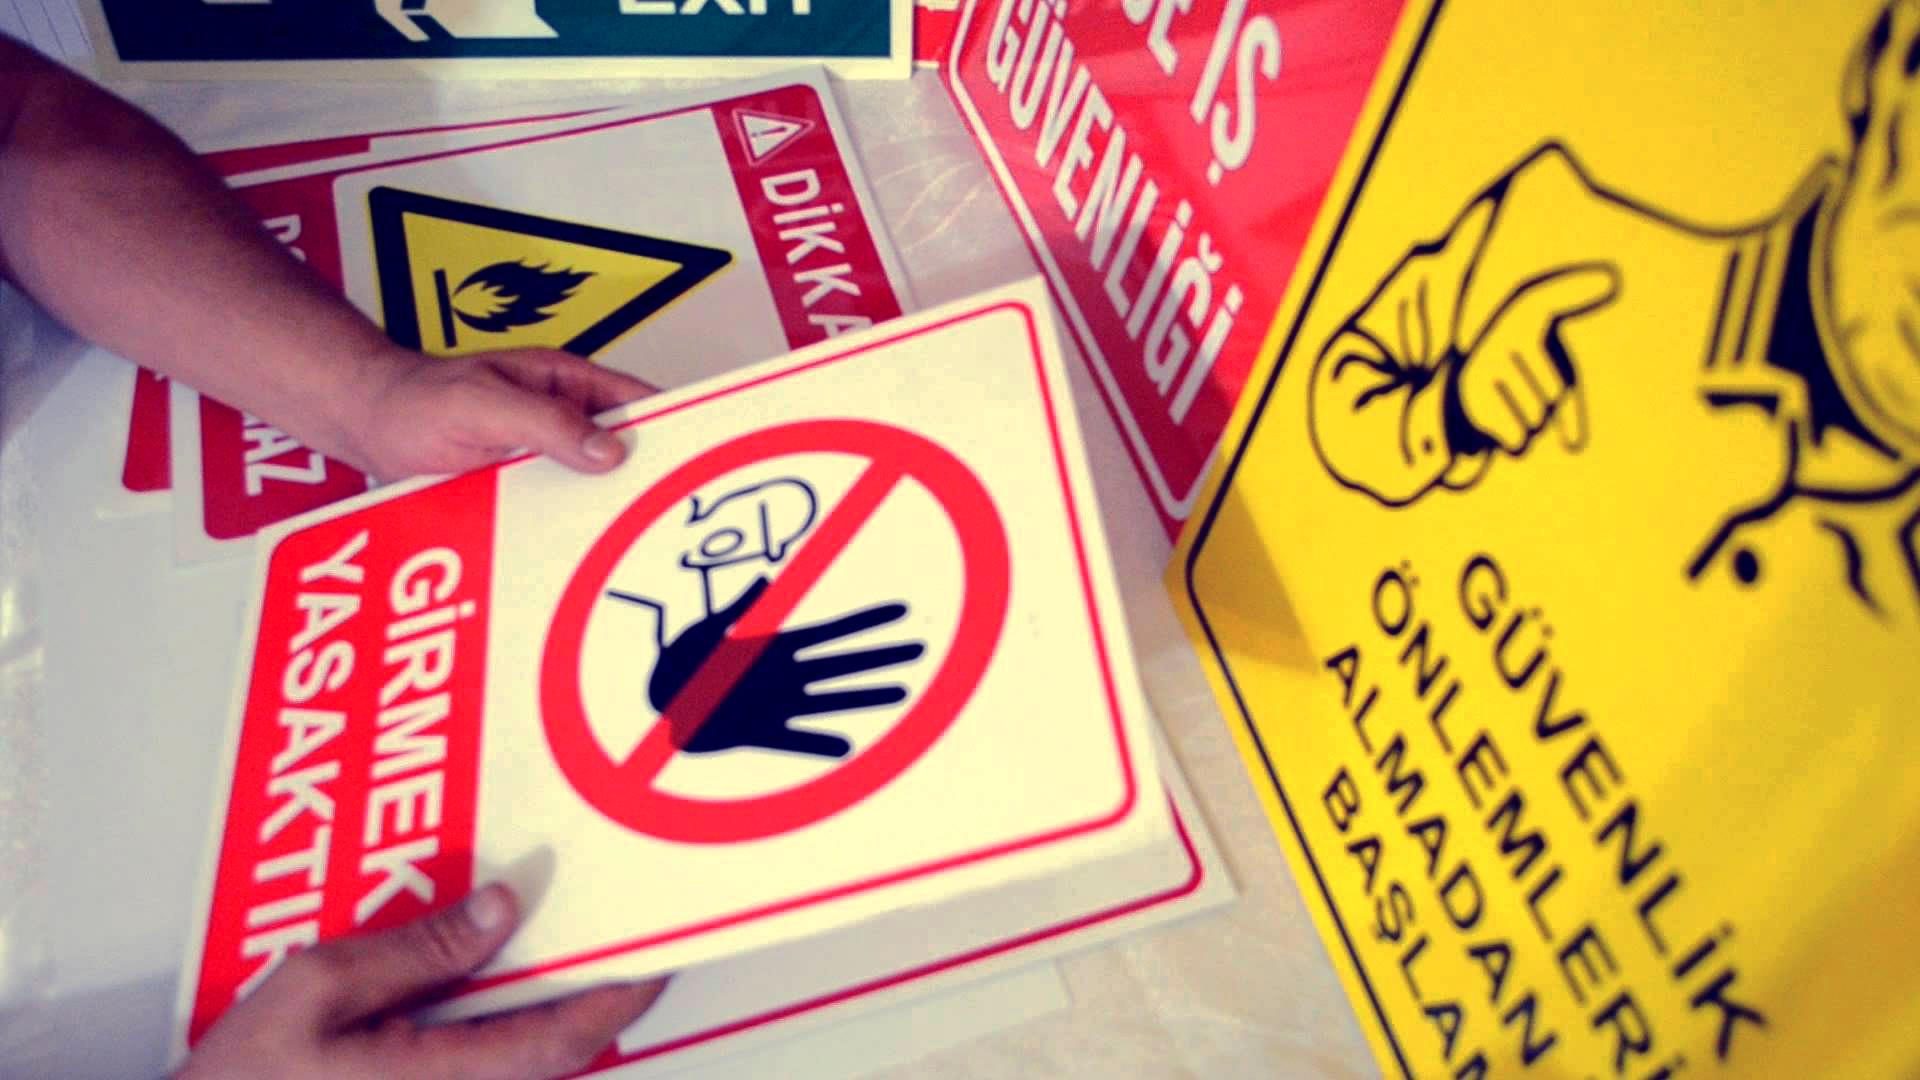 İş Güvenliği Uyarı Levhaları